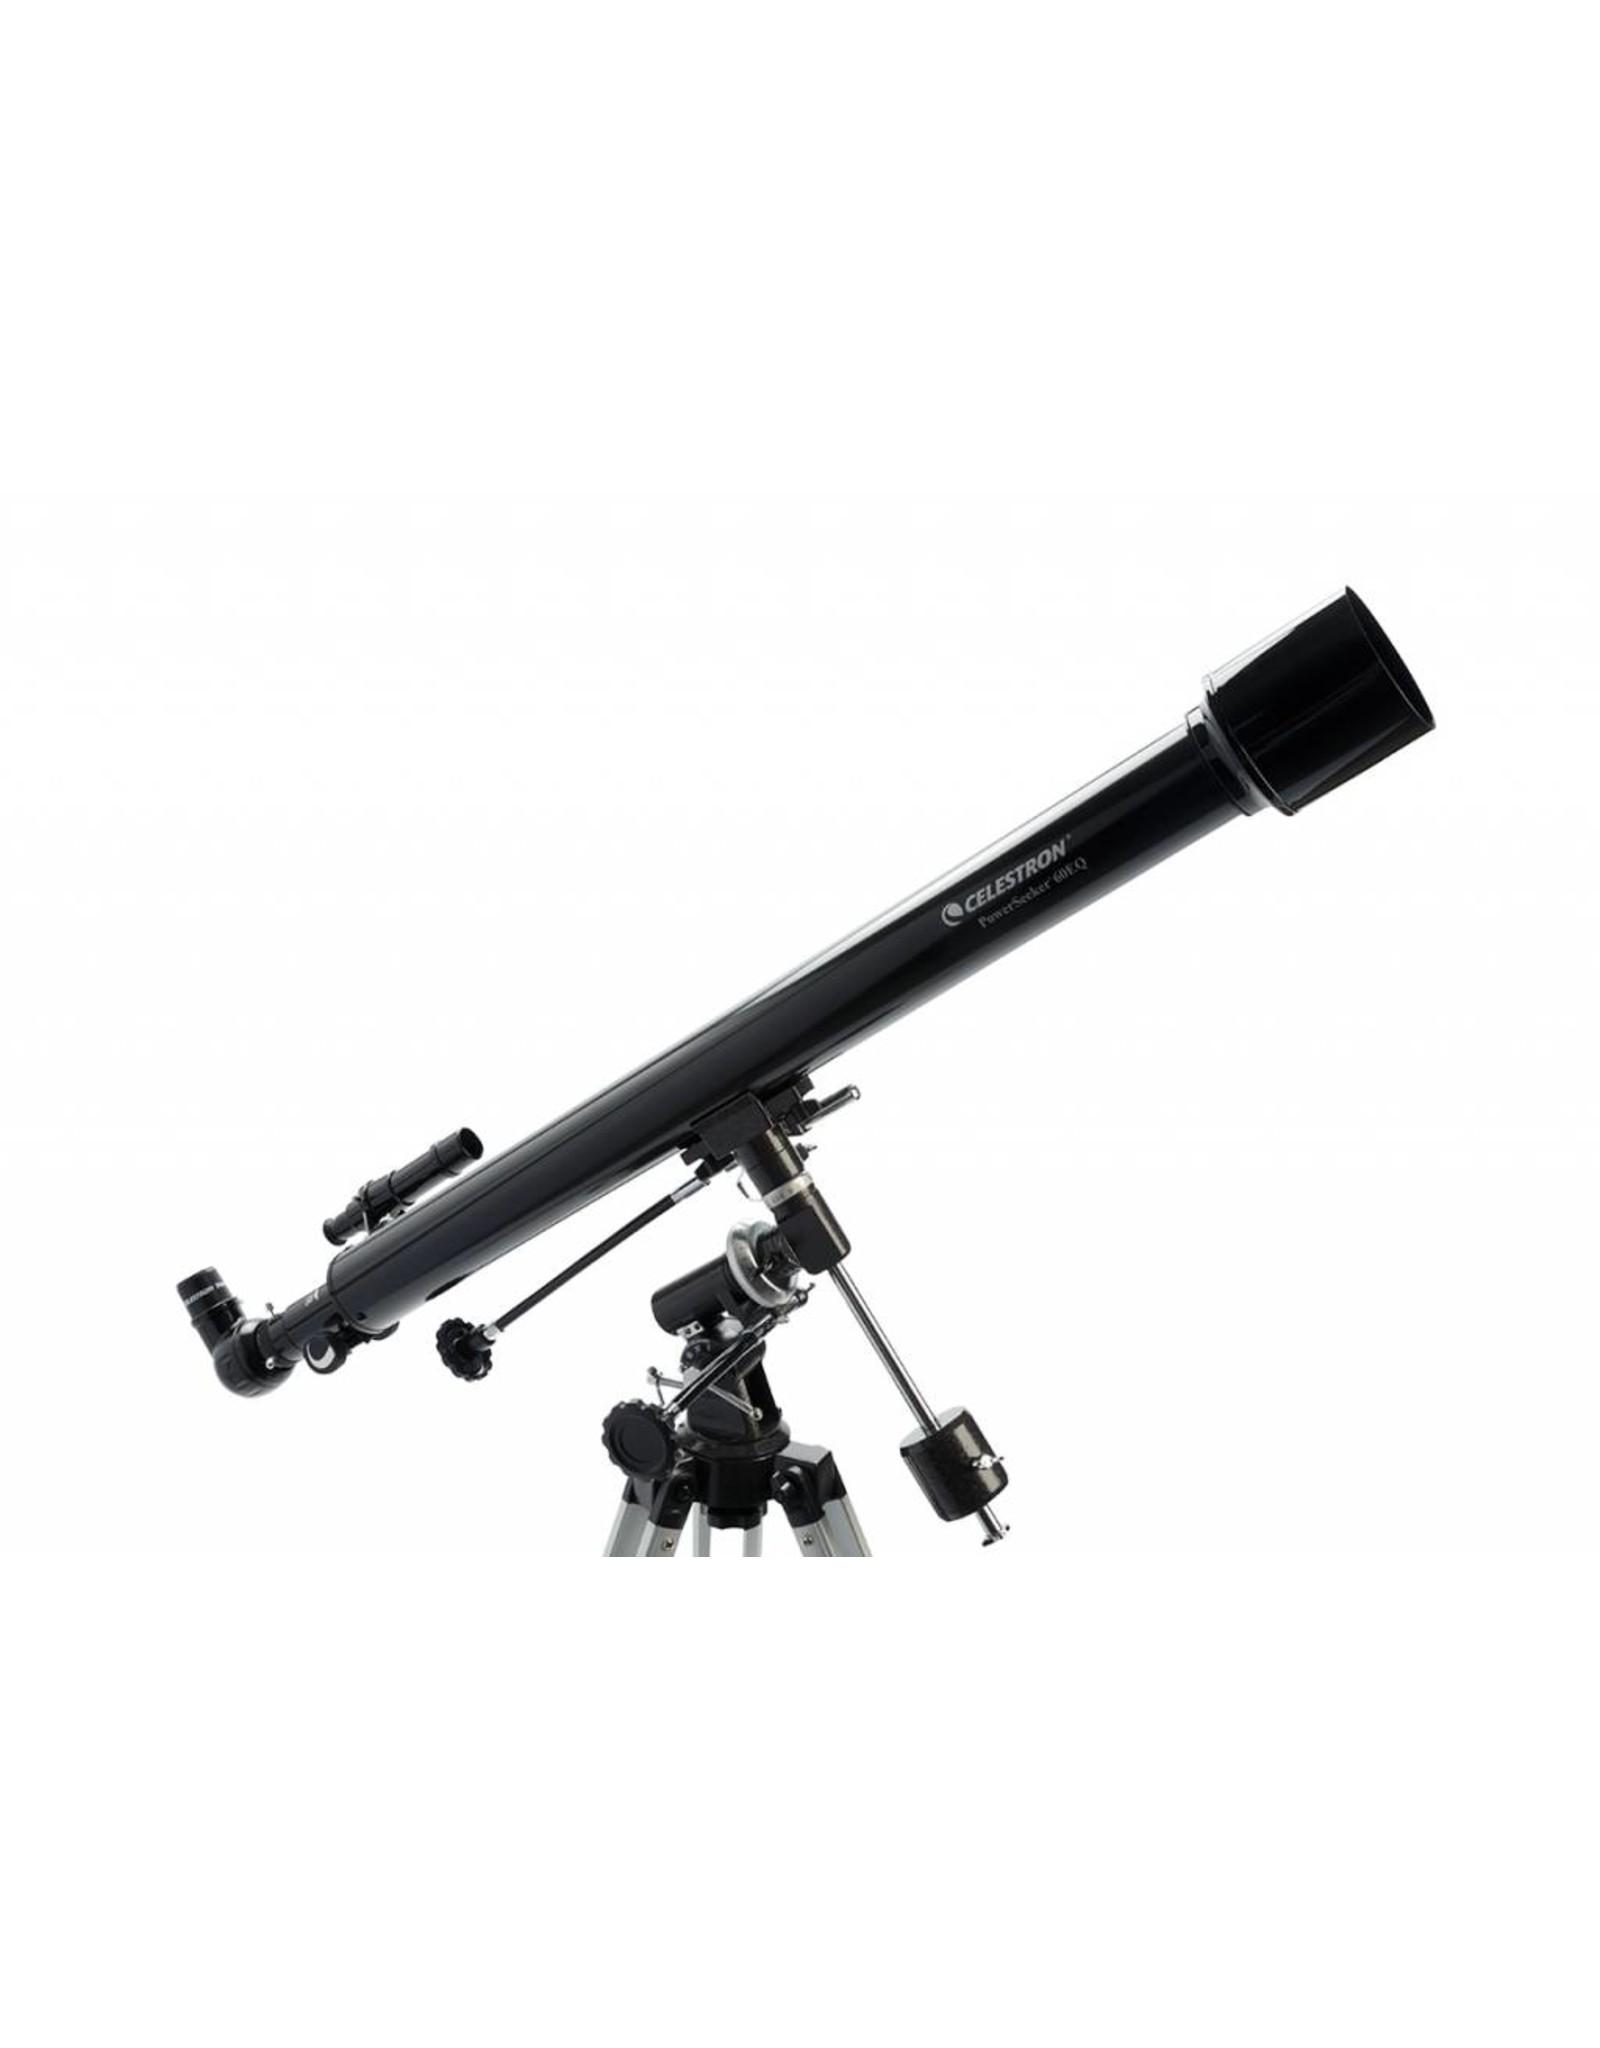 Celestron Celestron PowerSeeker 60EQ Telescope